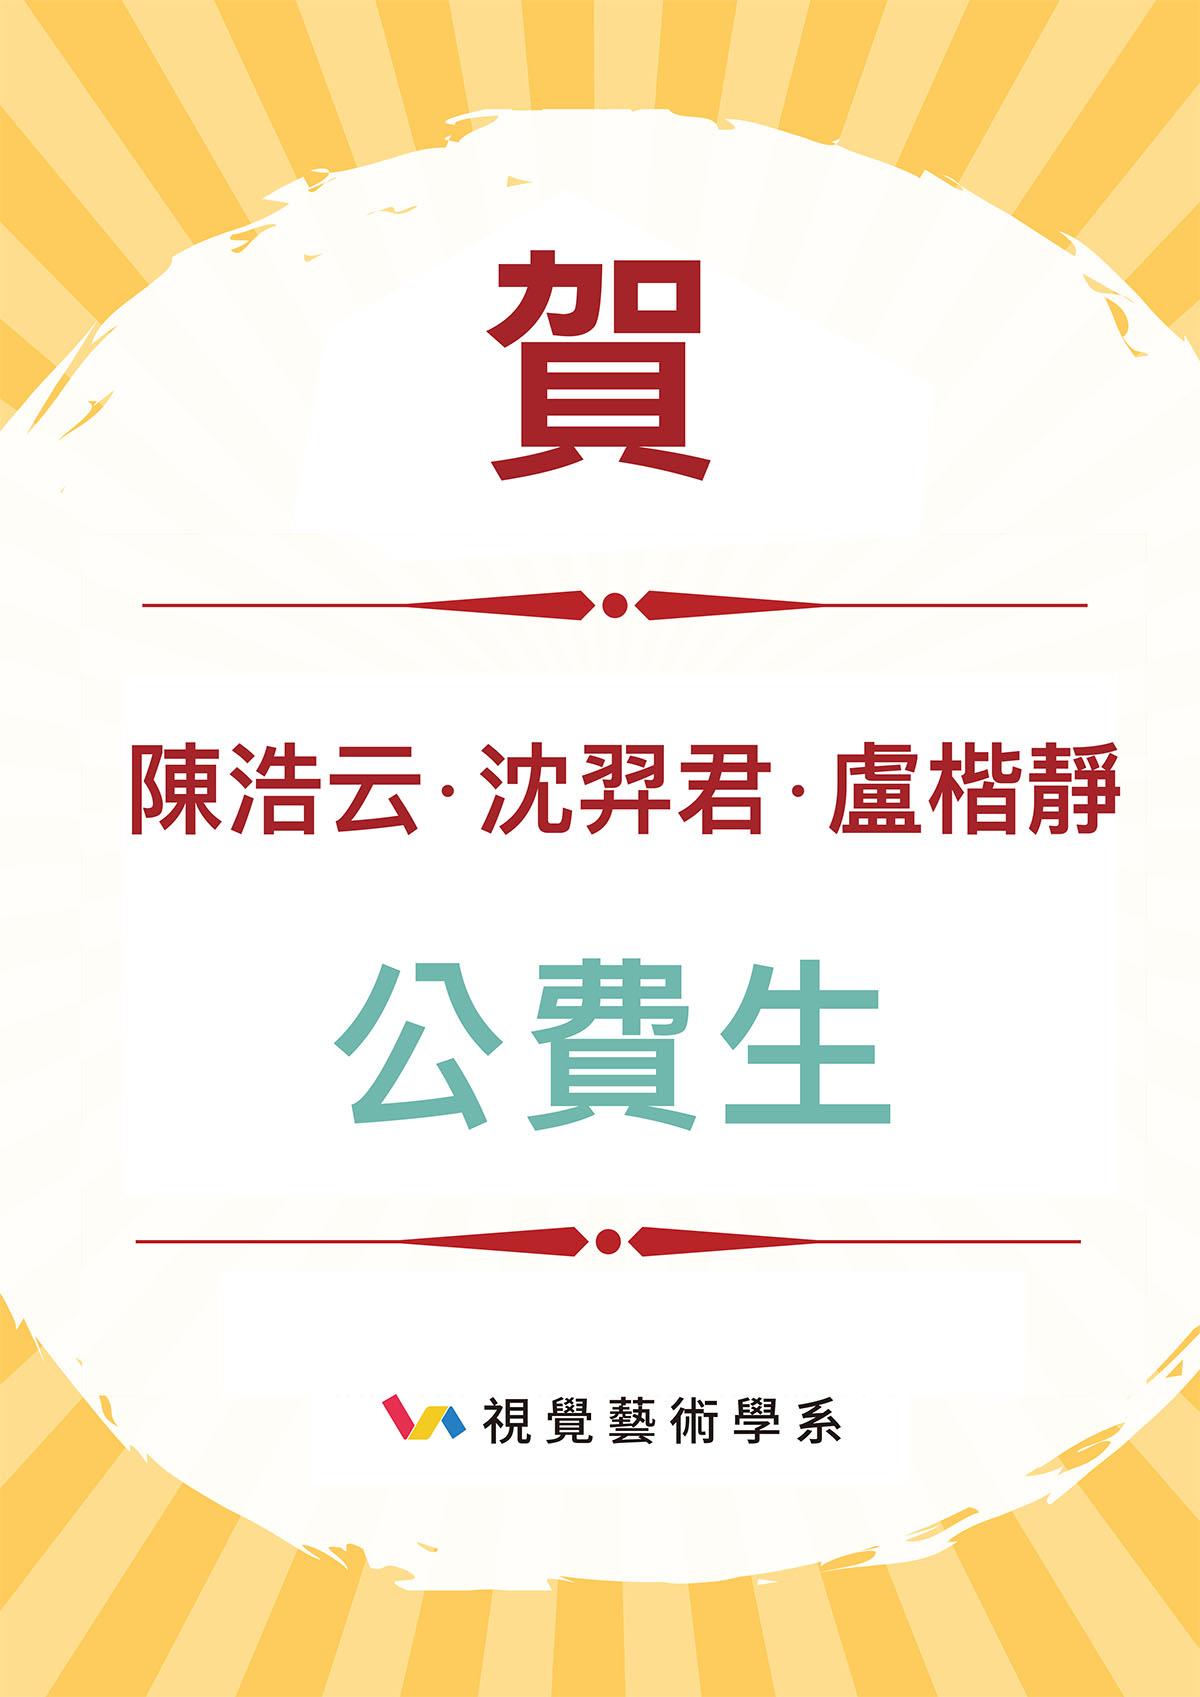 [榮譽]賀本系陳浩云、沈羿君、盧楷靜取得國小教師公費生資格!